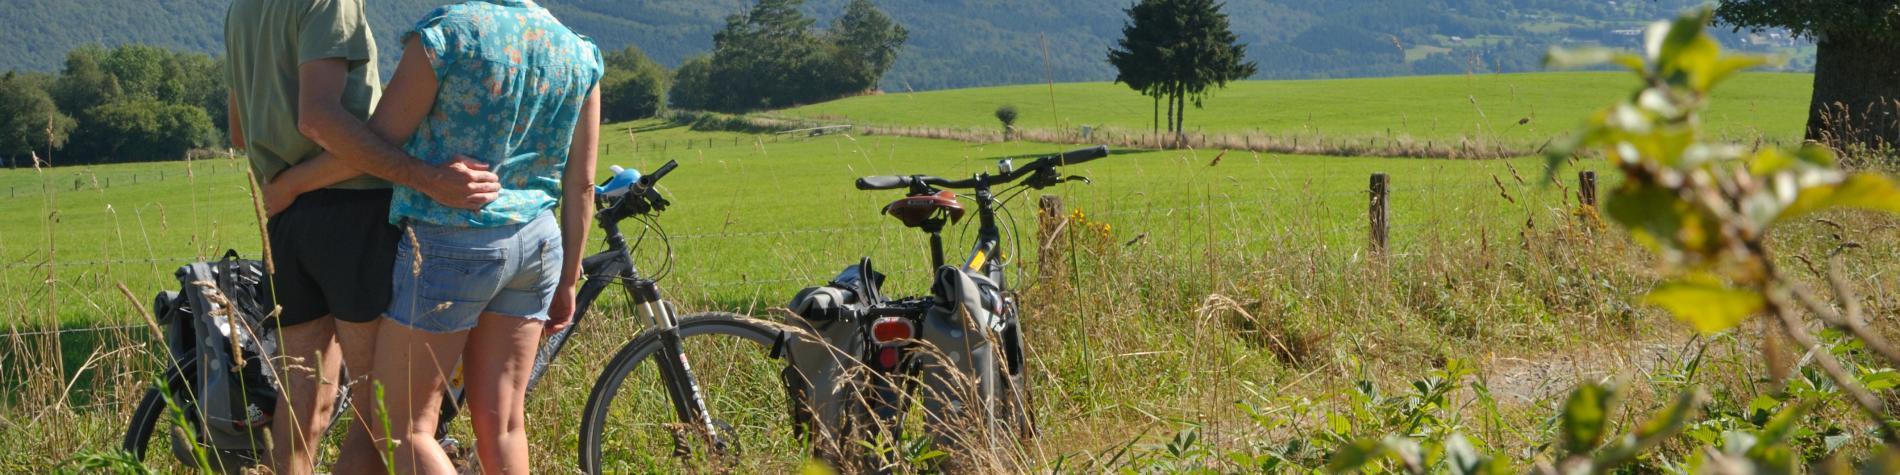 Un couple regardant à l'horizon, un vélo à côté d'eux